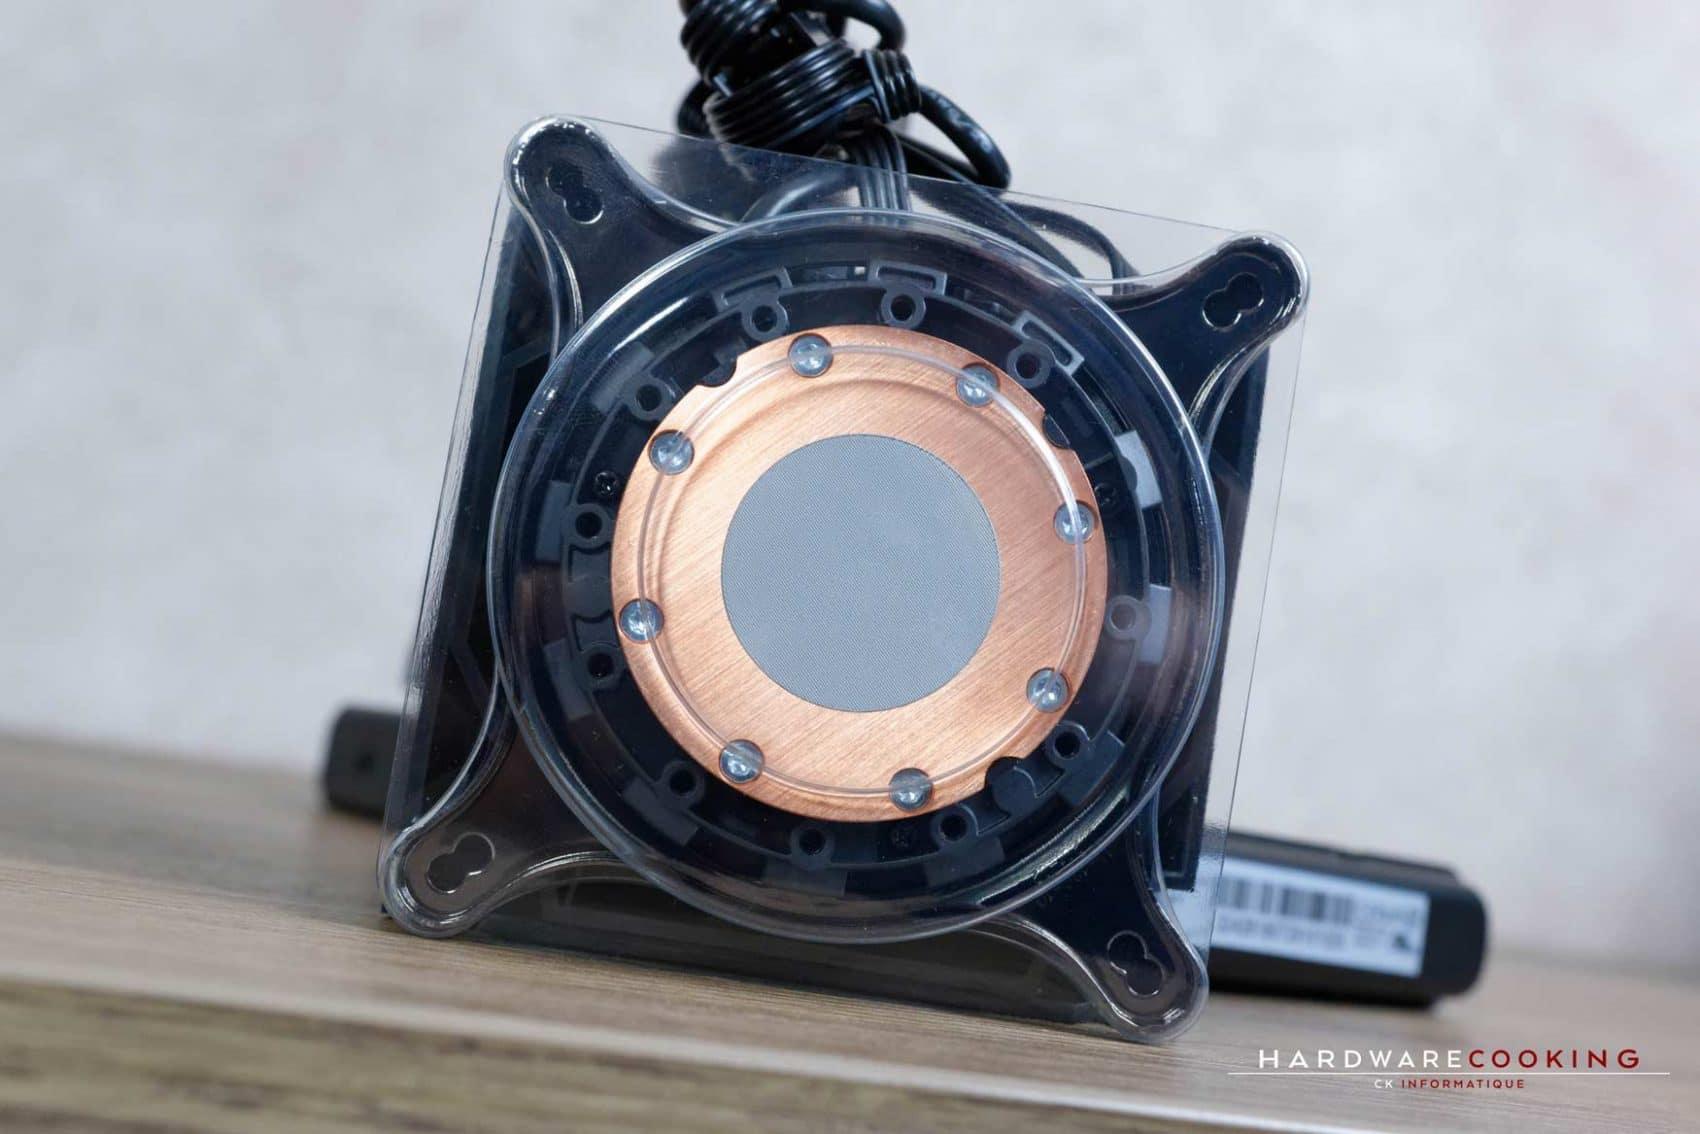 Test watercooling AIO ASUS ROG RYUJIN 240